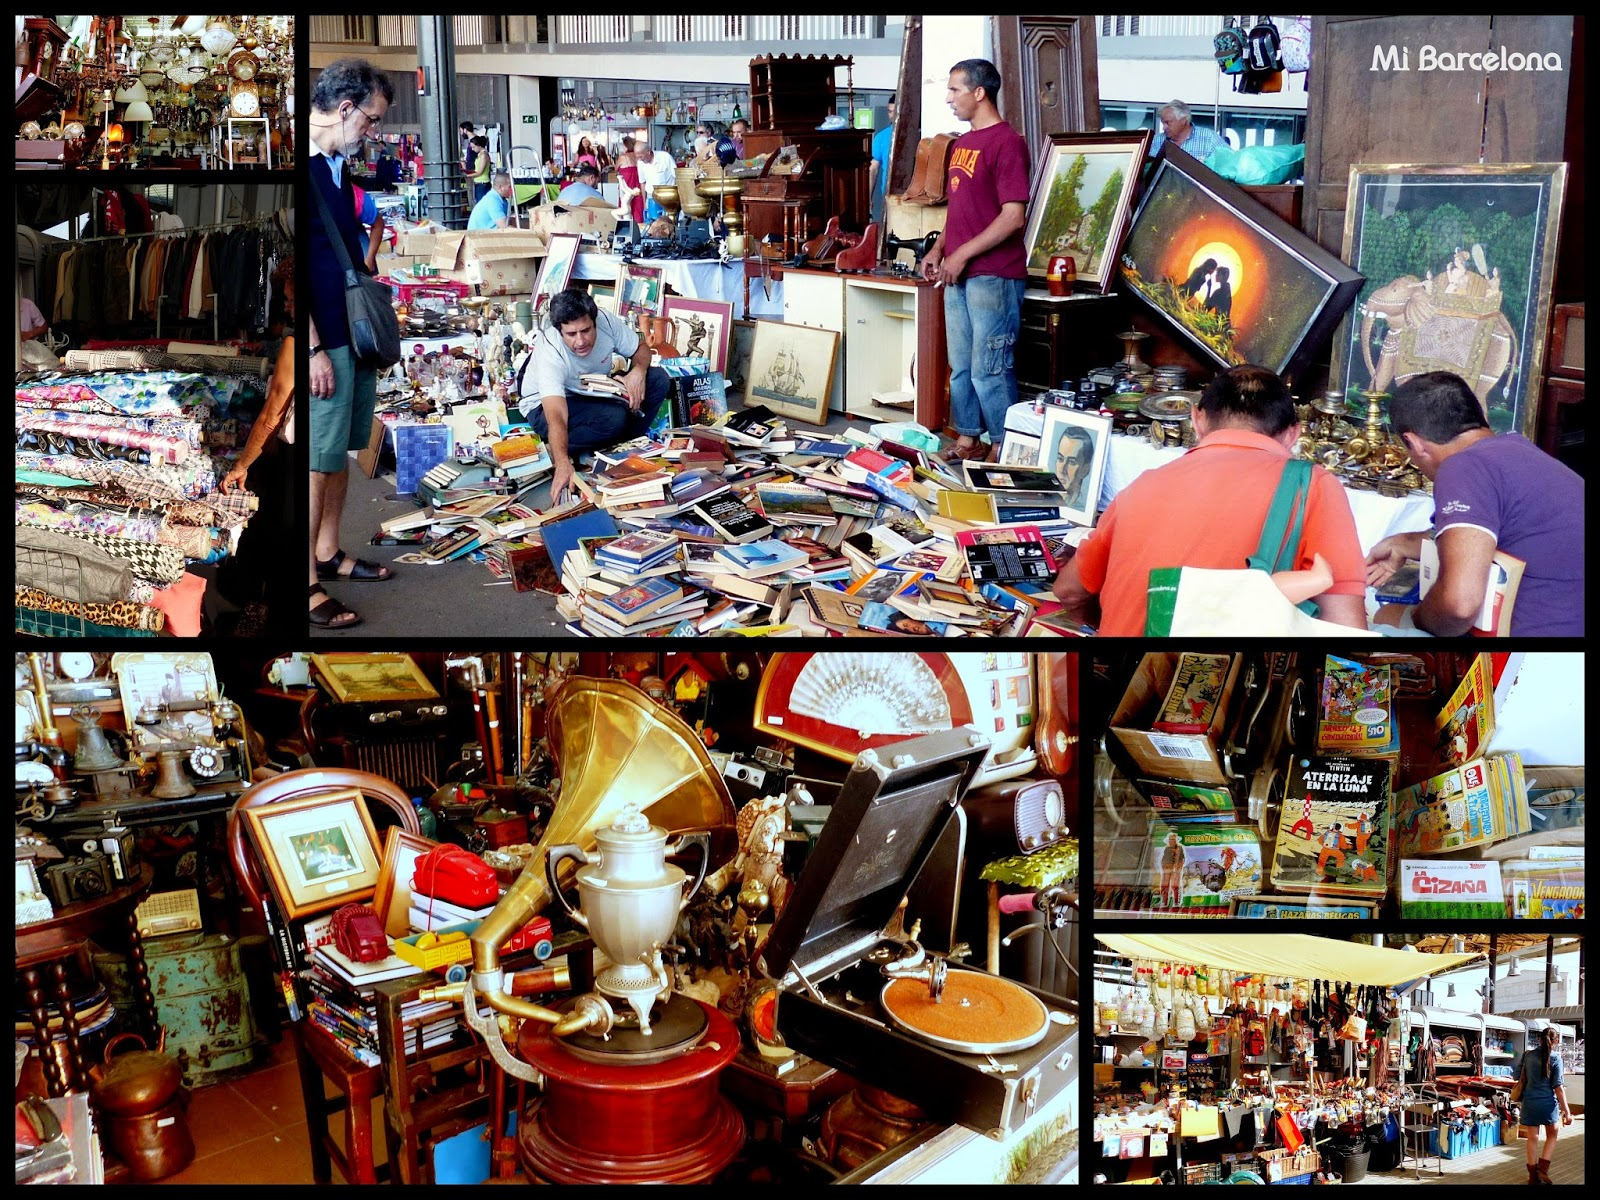 Fotos de muebles antiguos en venta - Compra venta muebles usados madrid ...